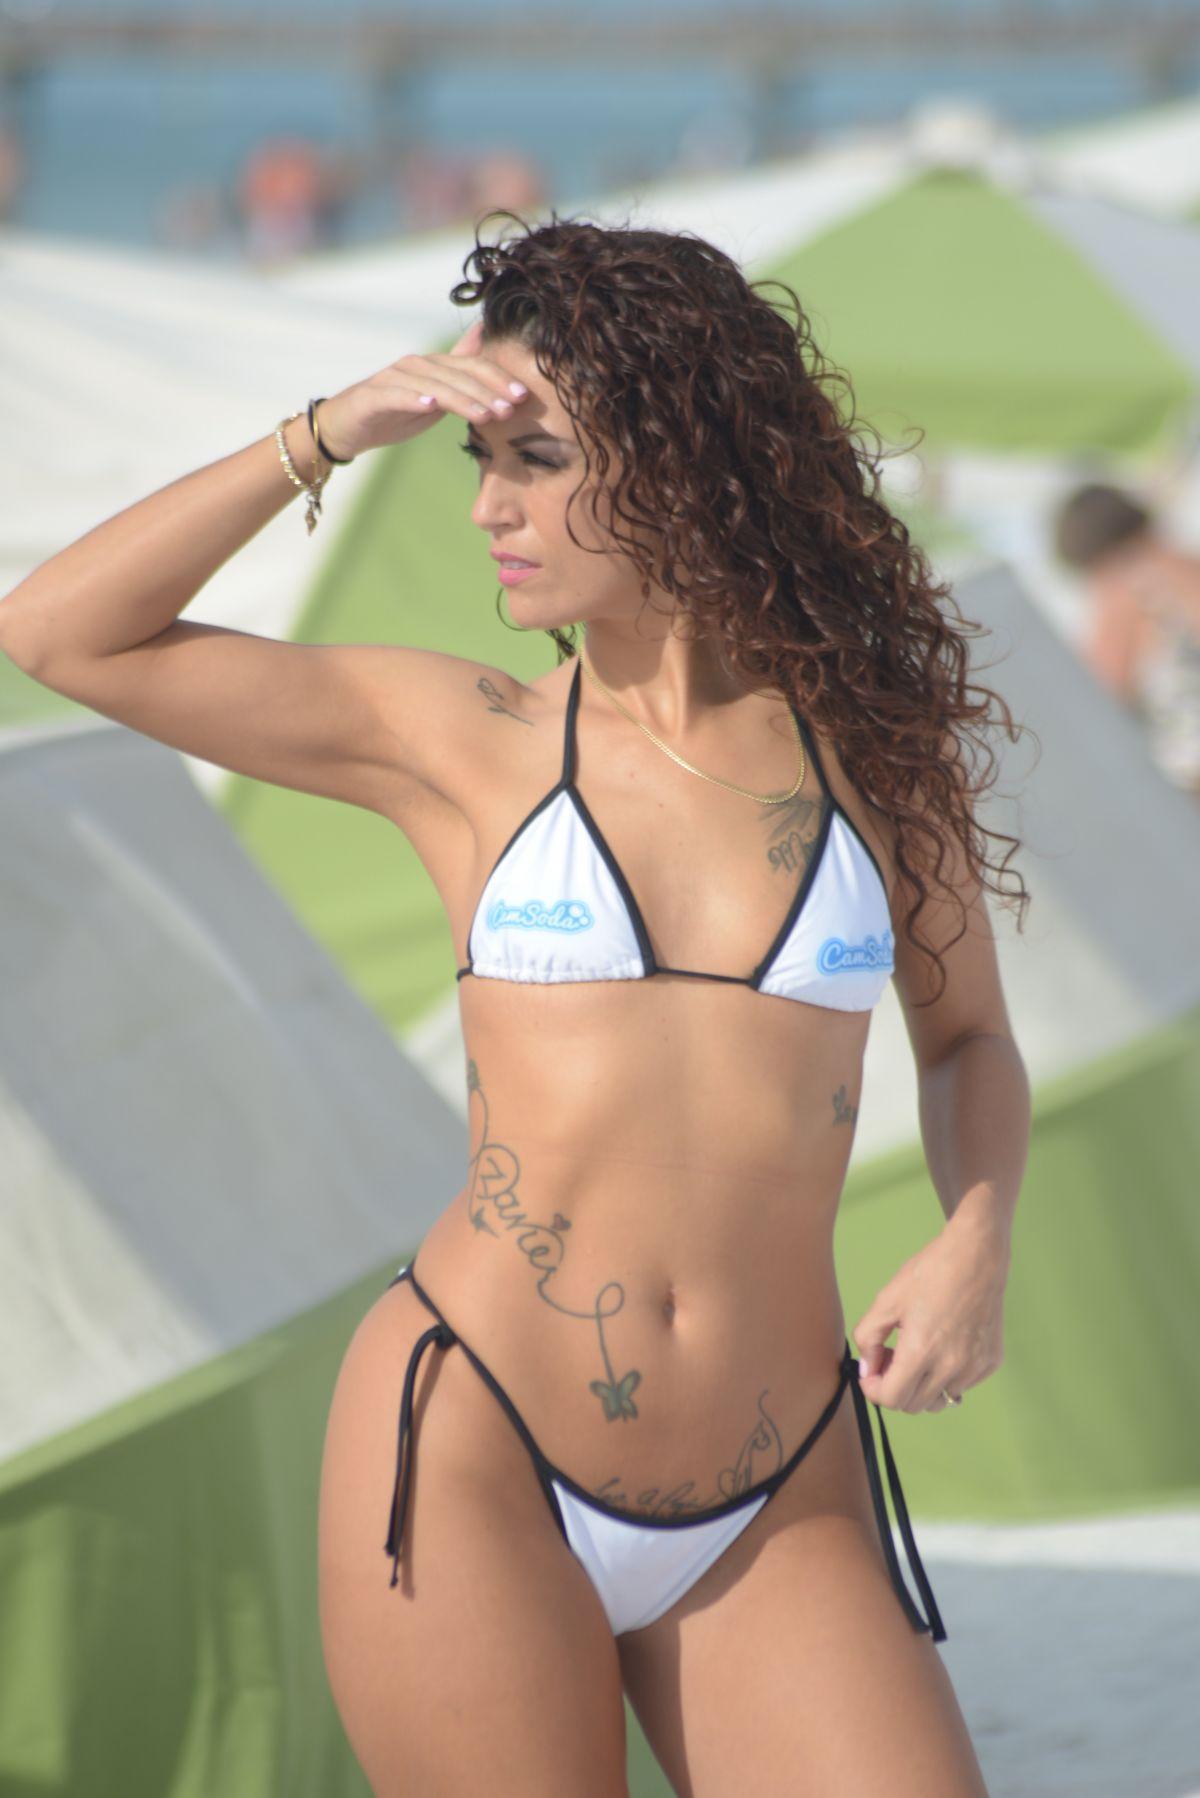 Bikini Victoria Banxxx nude photos 2019